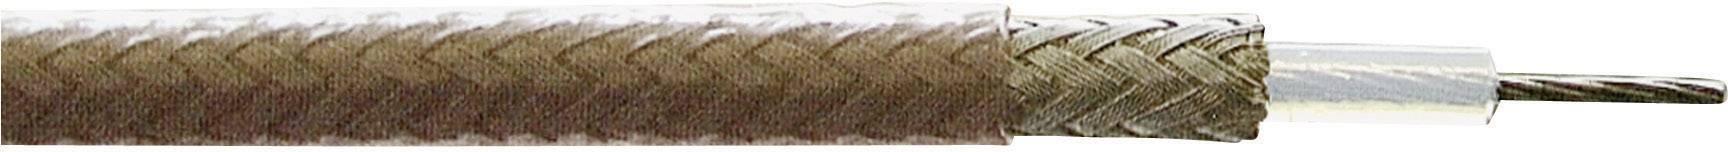 Koaxiálny kábel Huber & Suhner 22510079, 50 Ohm, metrový tovar, hnedá